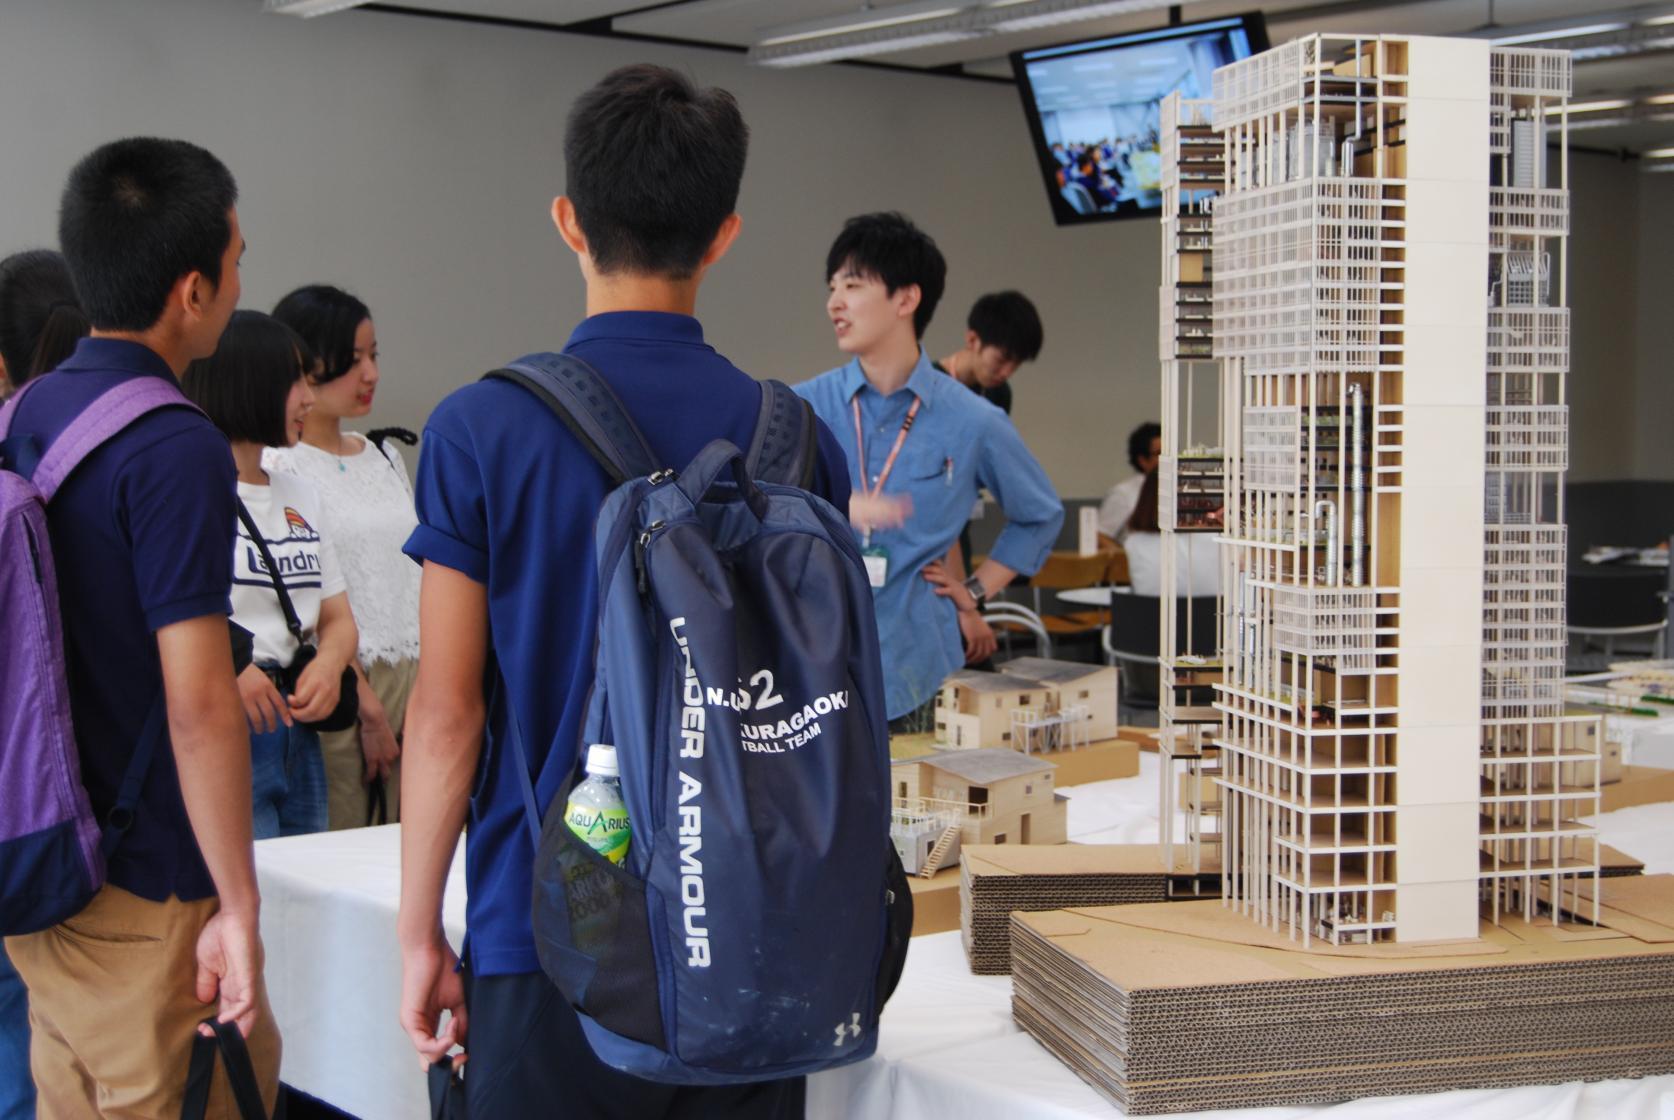 【申込受付中】7月11日(日)オープンキャンパス「駿河台入試フォーラム」(来校型:駿河台キャンパス開催)先着1000名限定で開催いたします。